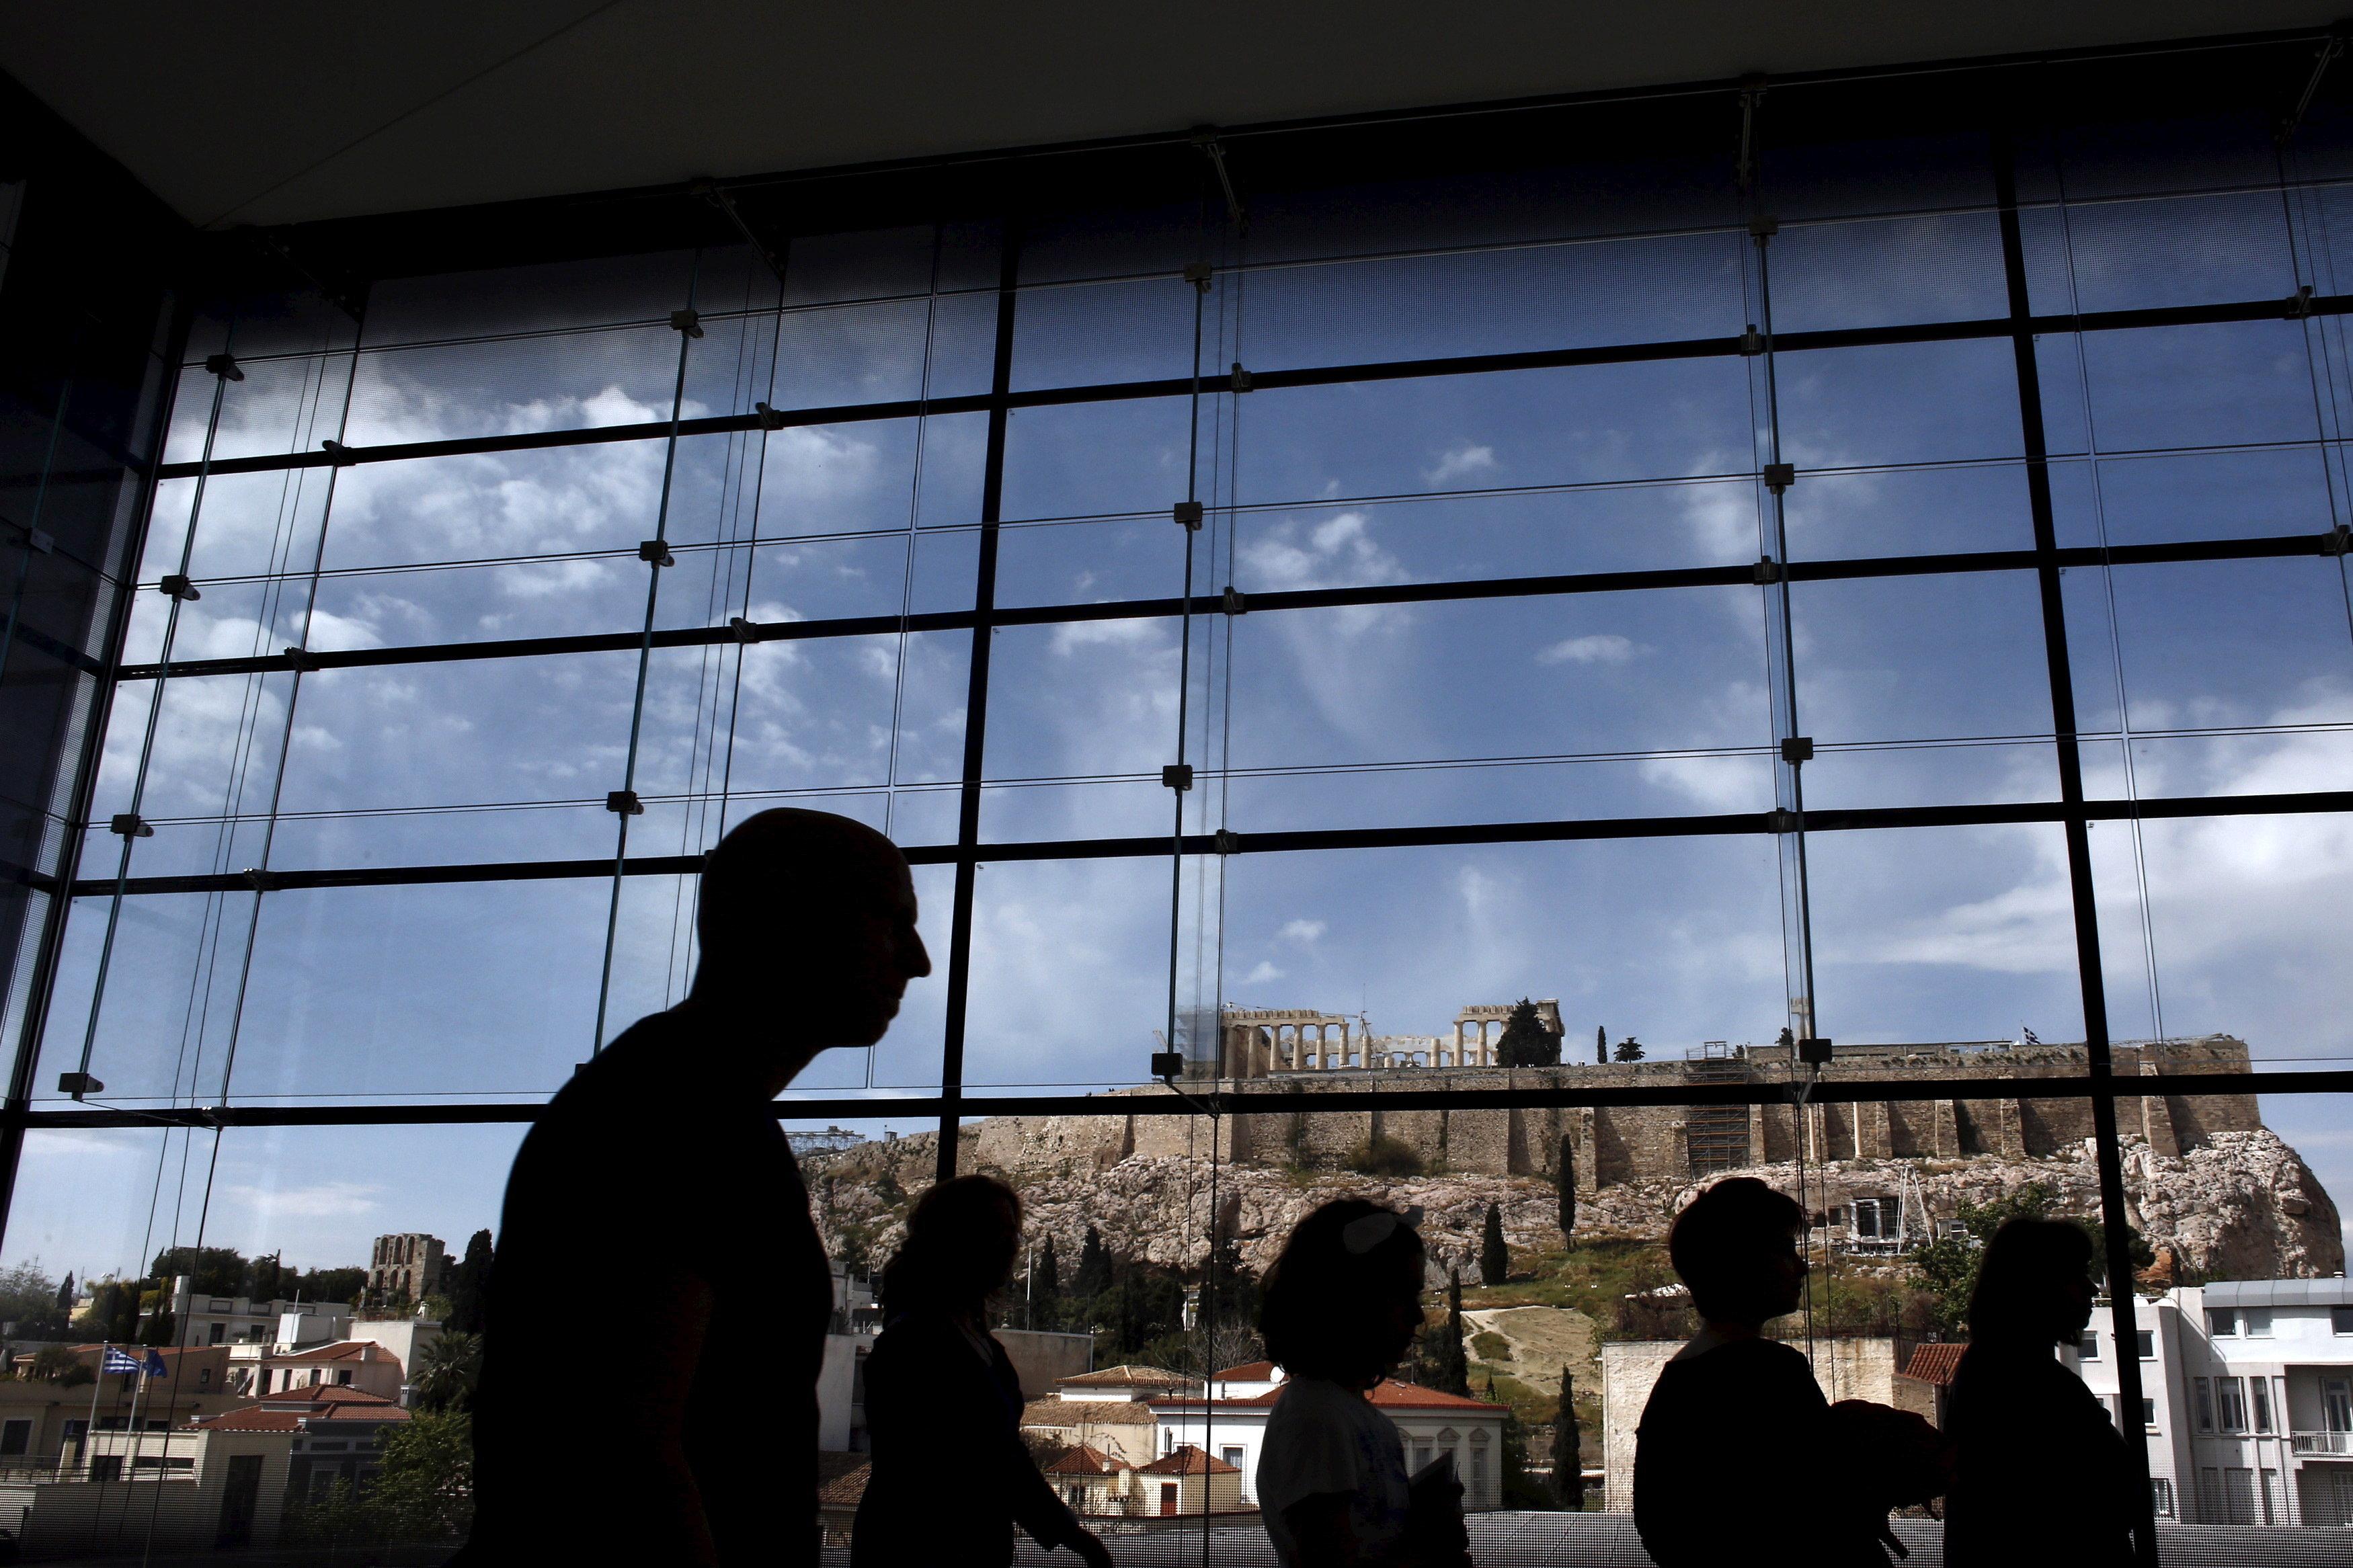 Έρευνα: Οι Αθηναίοι αγαπούν τον Πολιτισμό. Διαβάζουν, βλέπουν θέατρο και